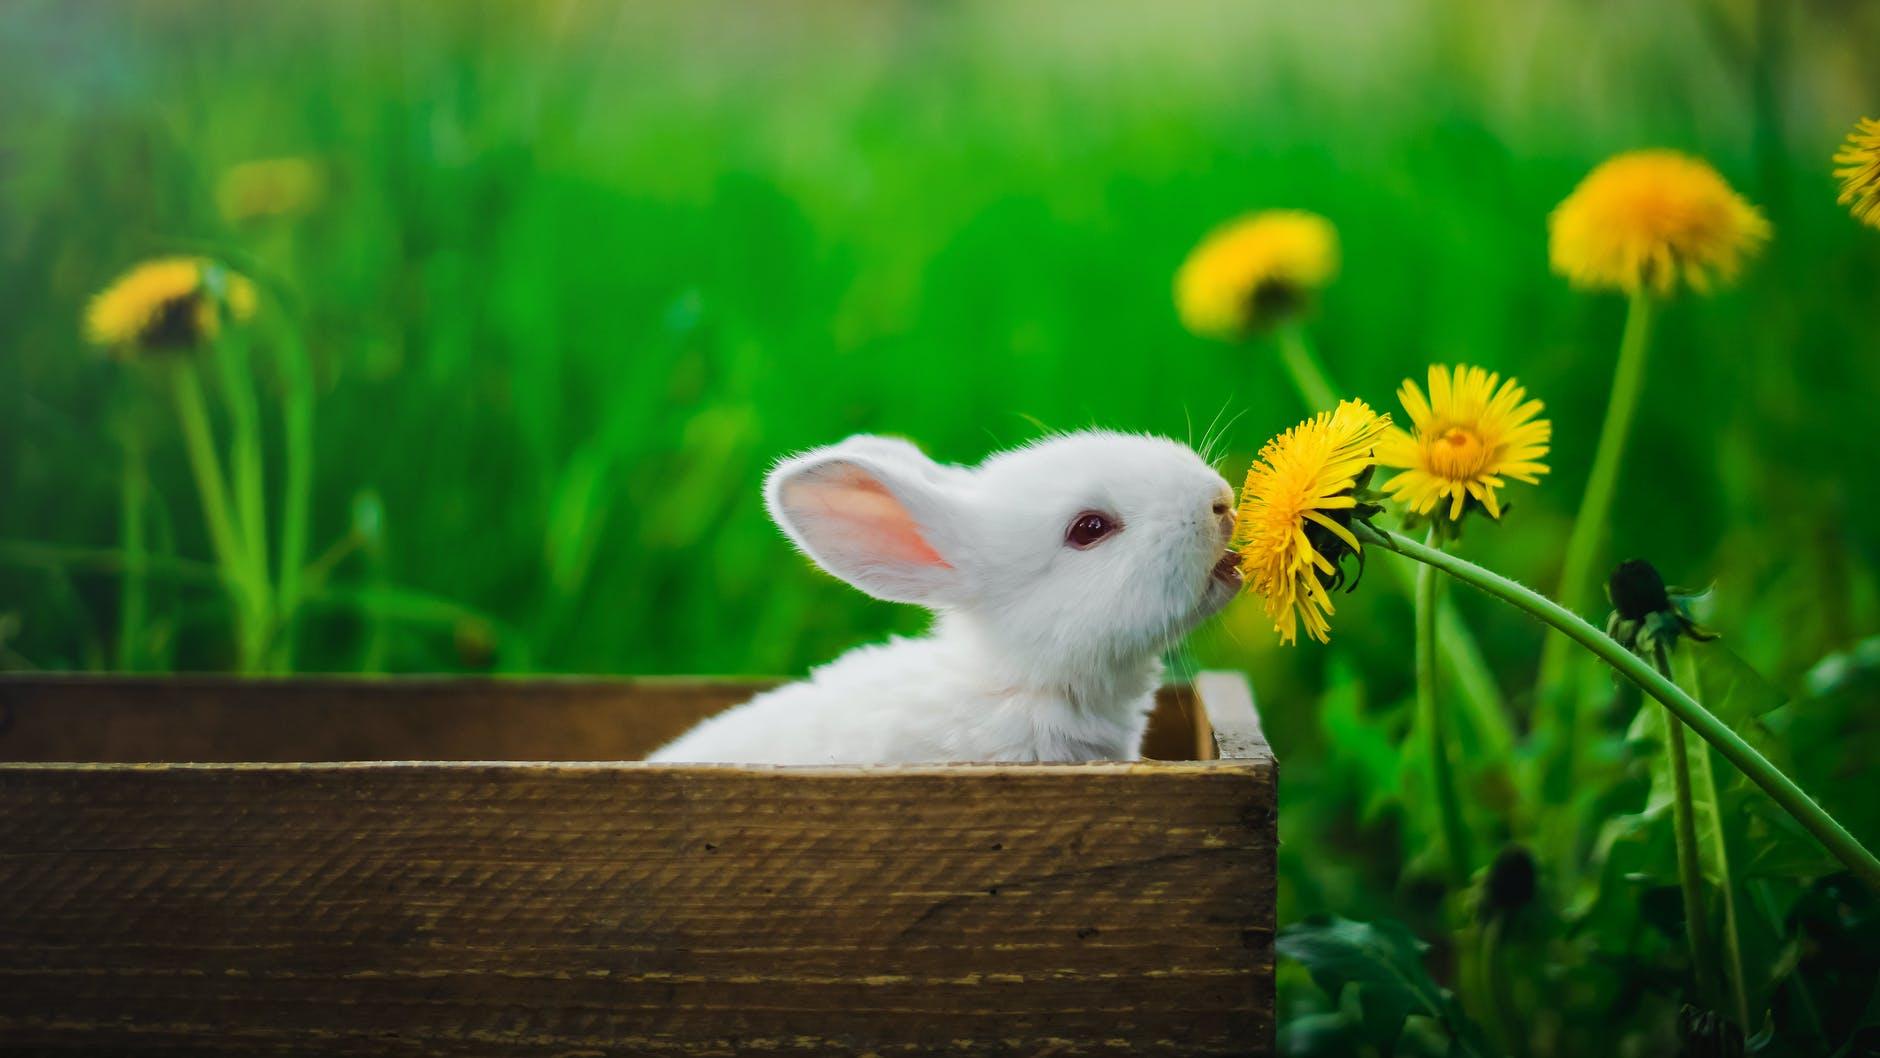 white rabbit in brown wooden box